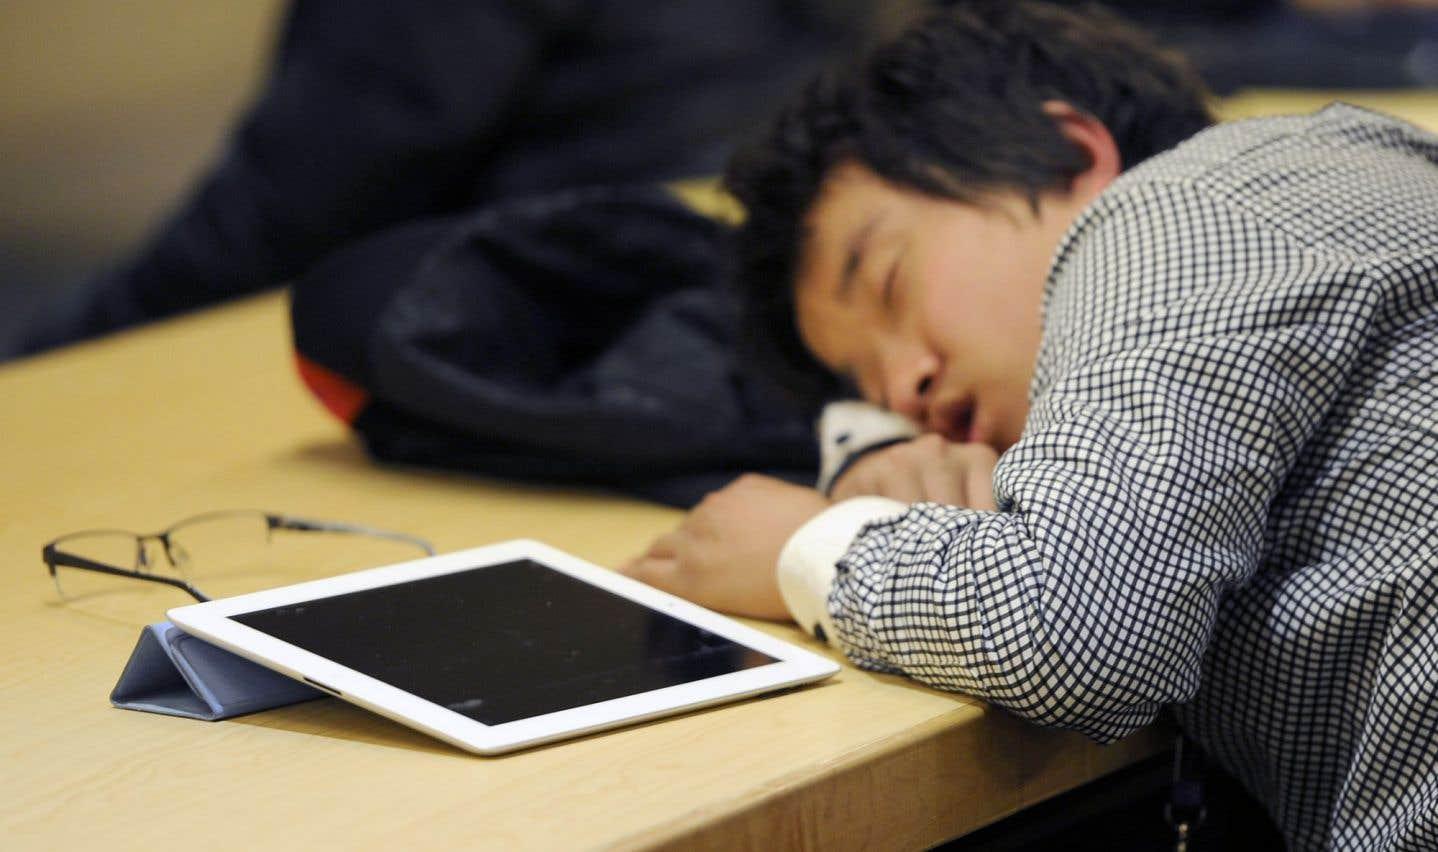 Le déclin des facultés mentales était de quatre à six fois plus important chez les participants qui ne dormaient pas.